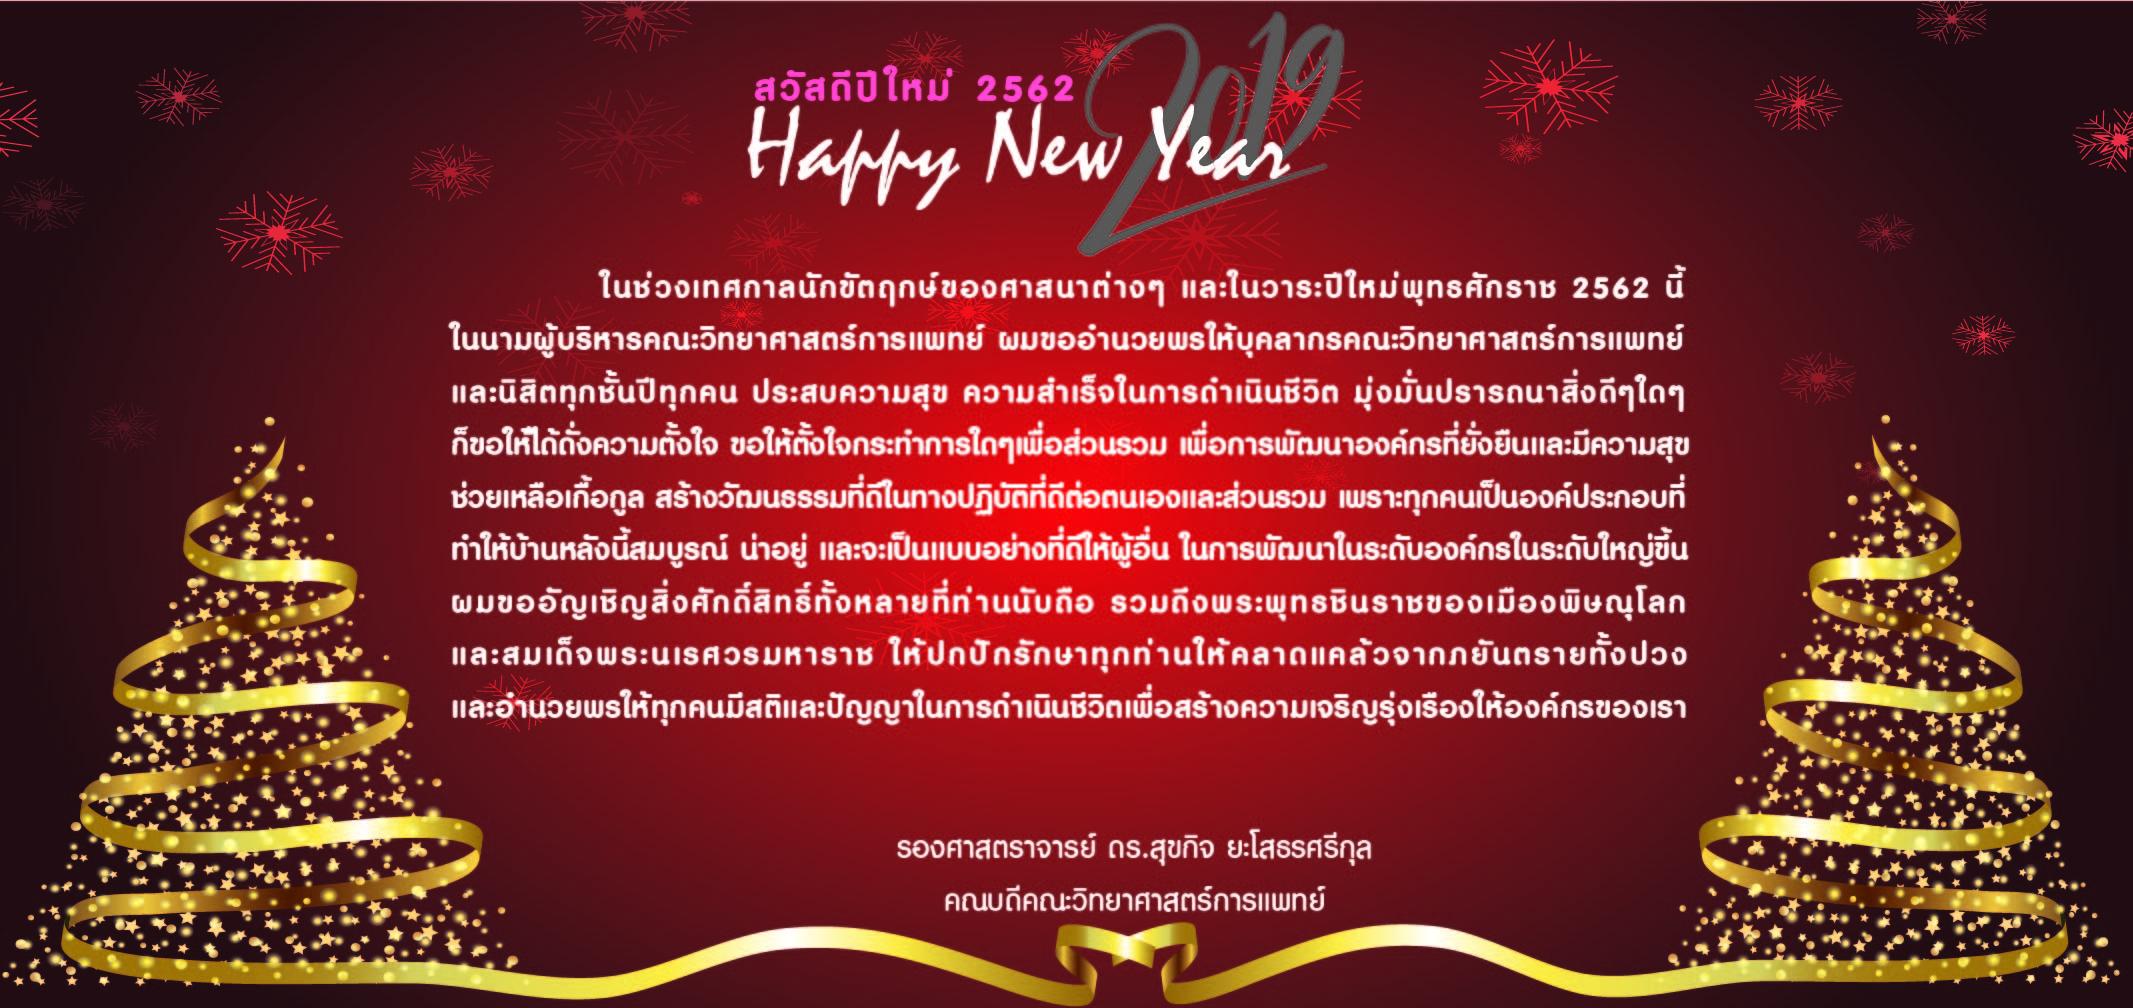 สารอวยพรวาระปีใหม่พุทธศักราช 2562 รองศาสตราจารย์ ดร.สุขกิจ ยะโสธรศรีกุล  คณบดีคณะวิทยาศาสตร์การแพทย์